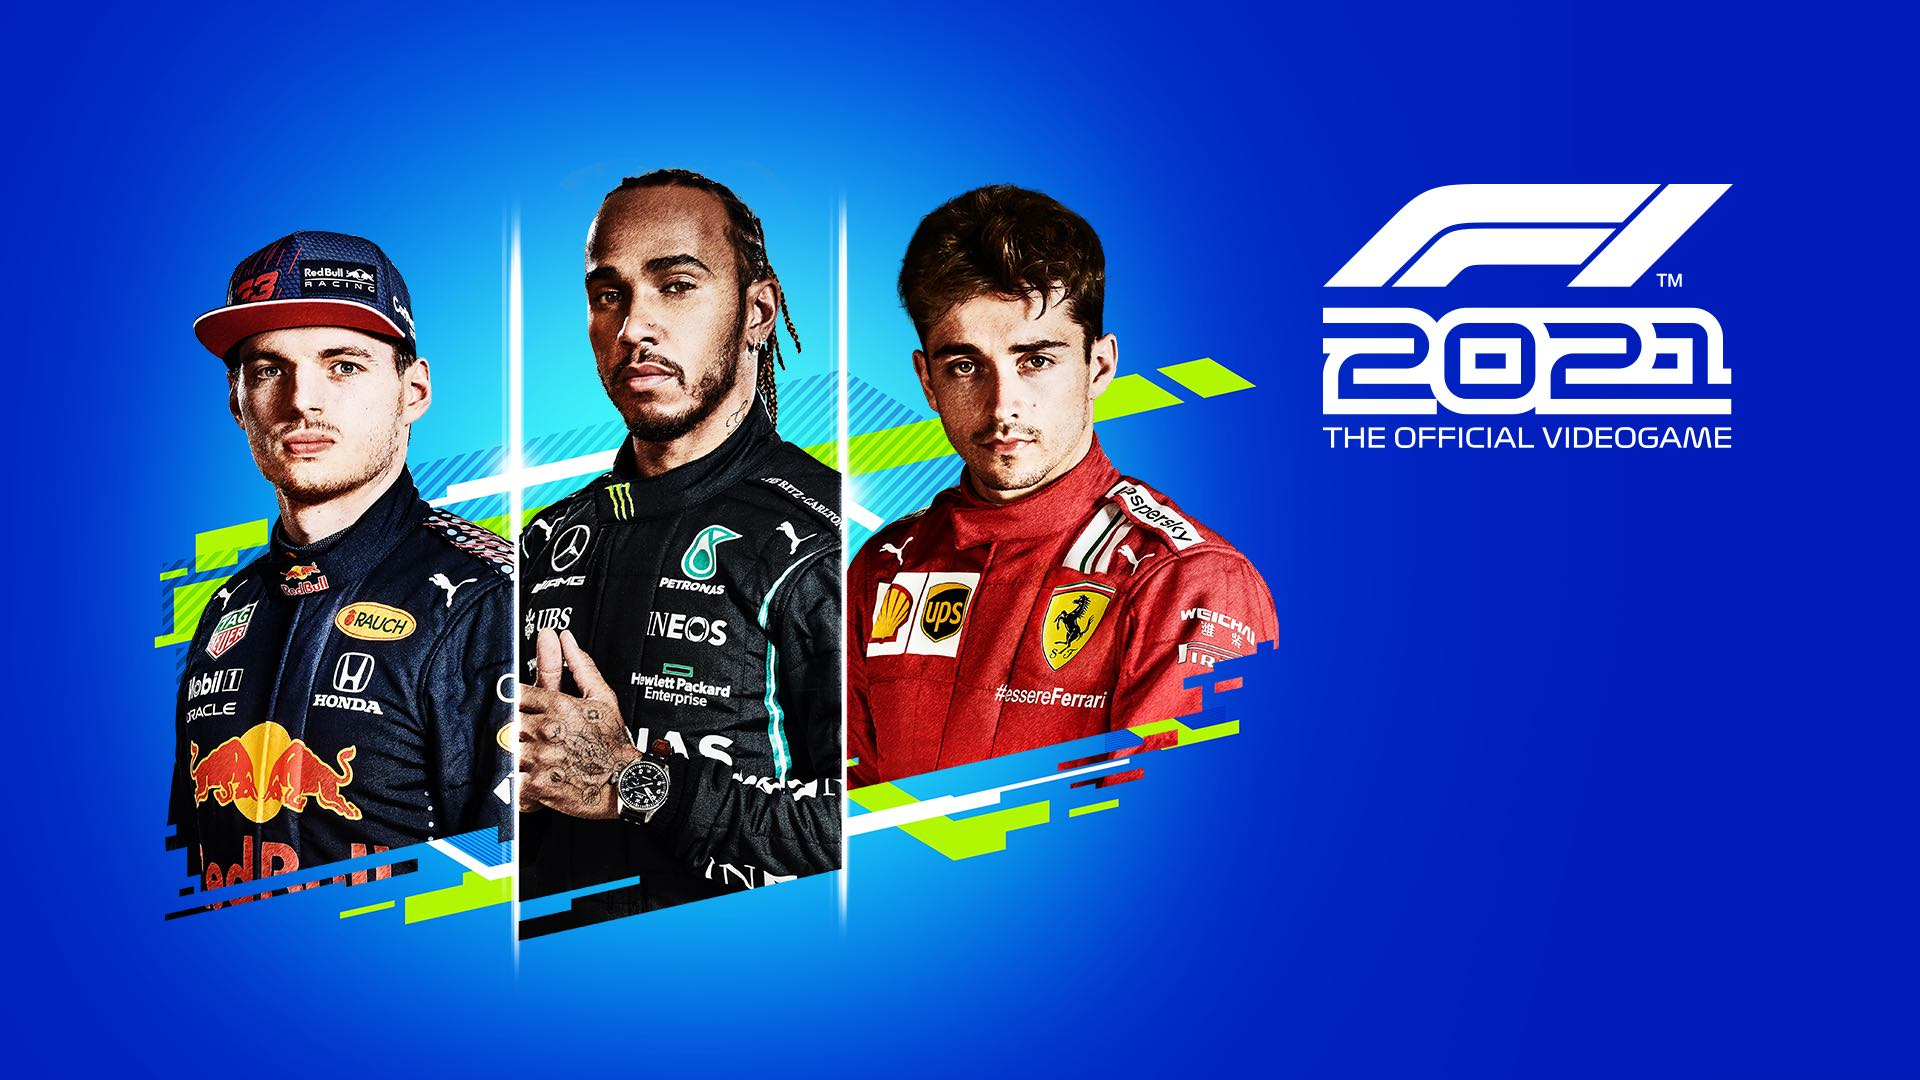 F1 2021: trailer ufficiale e prime immagini del nuovo gioco Formula 1 thumbnail